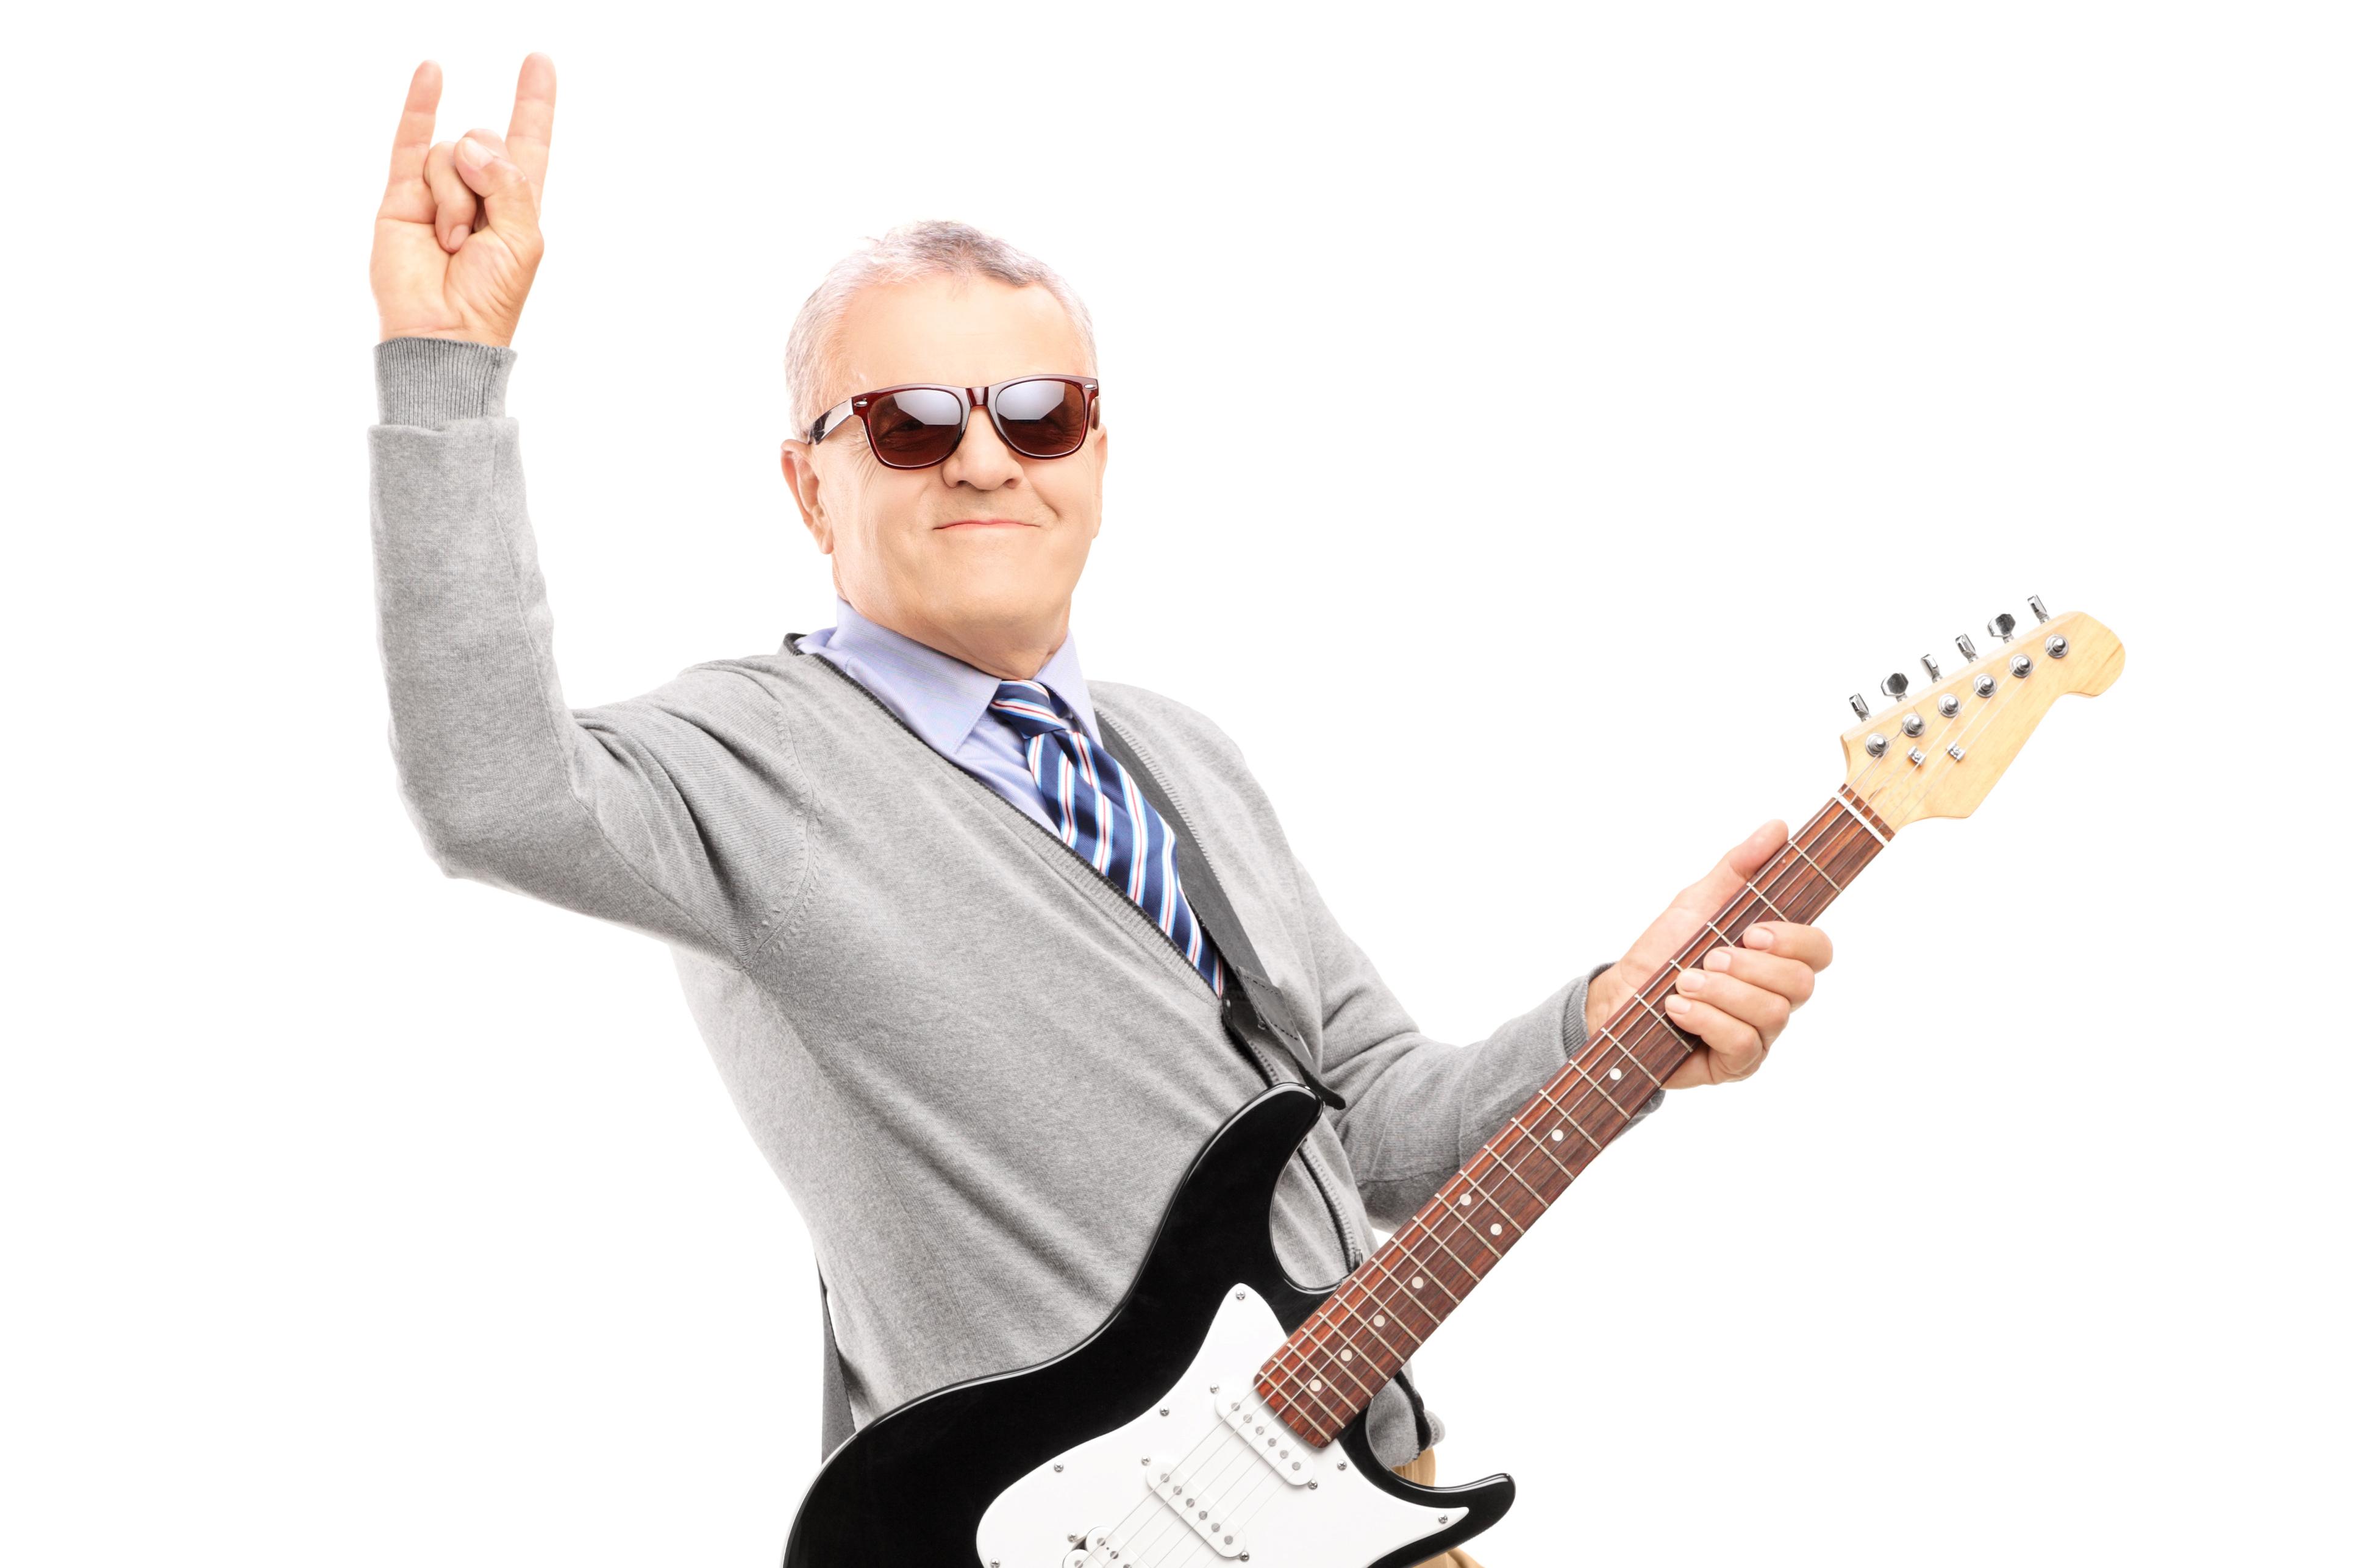 「上達するコツってあるの? 大人になってから始める楽器」のアイキャッチ画像